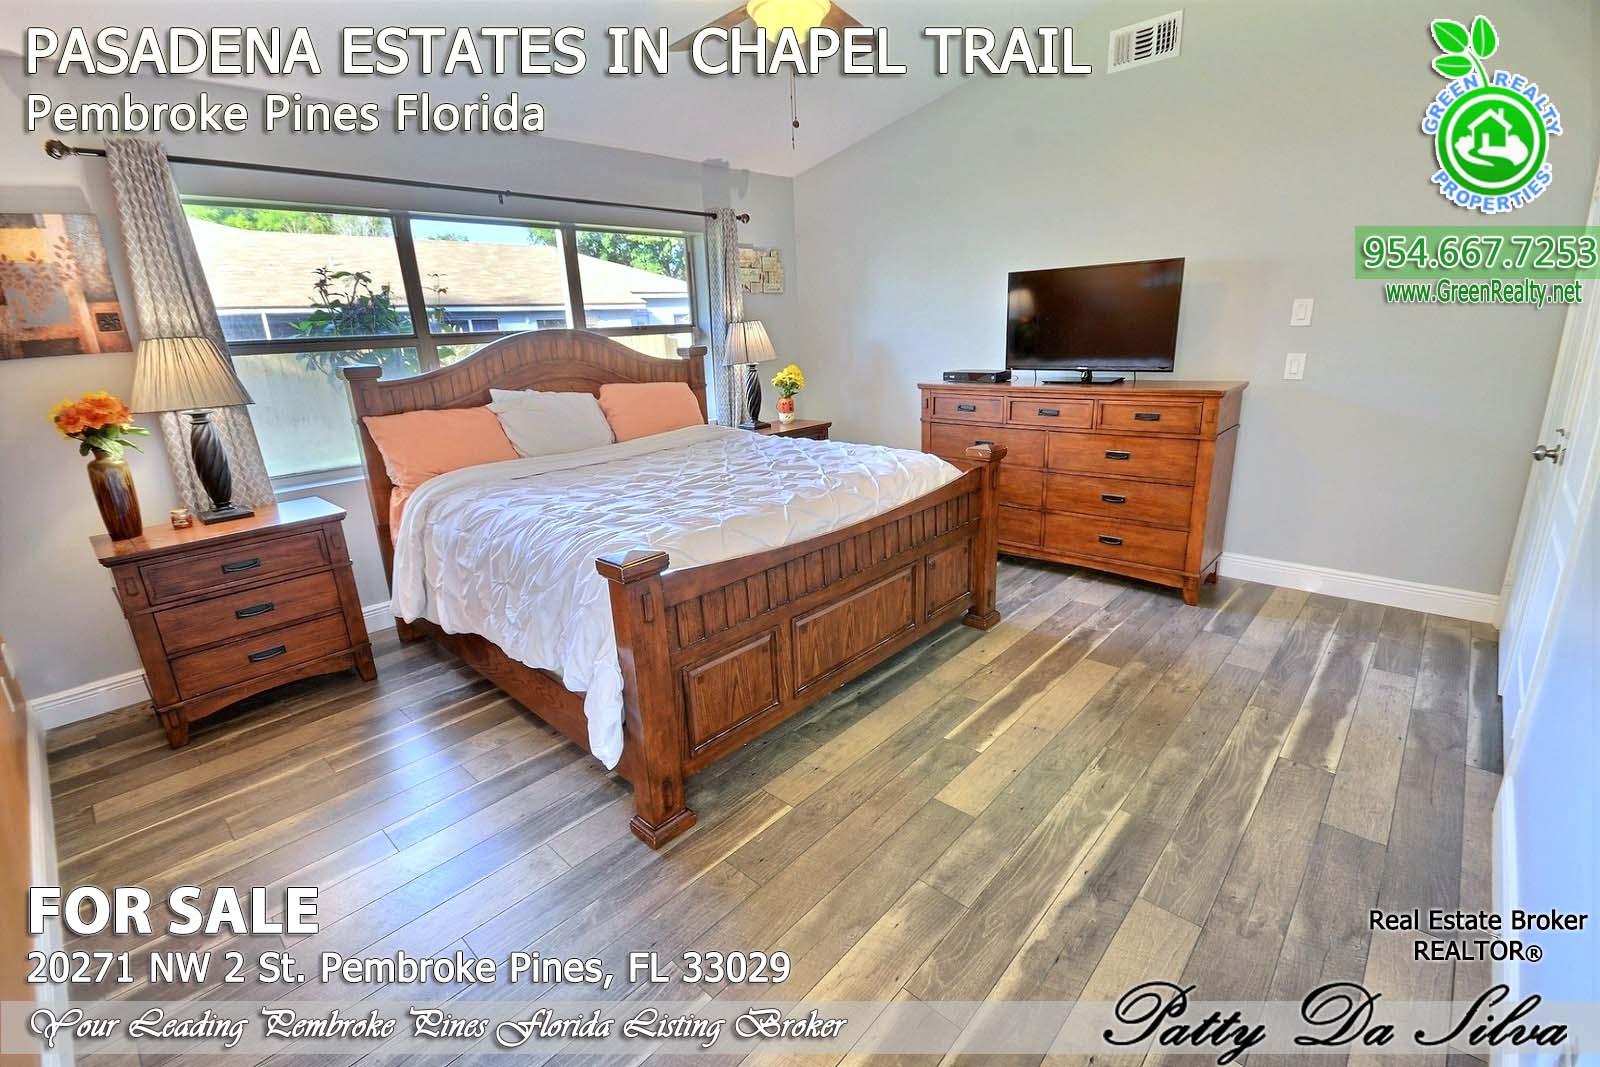 Pasadena Estates of Chapel Trail - Pembroke Pines FL (13)